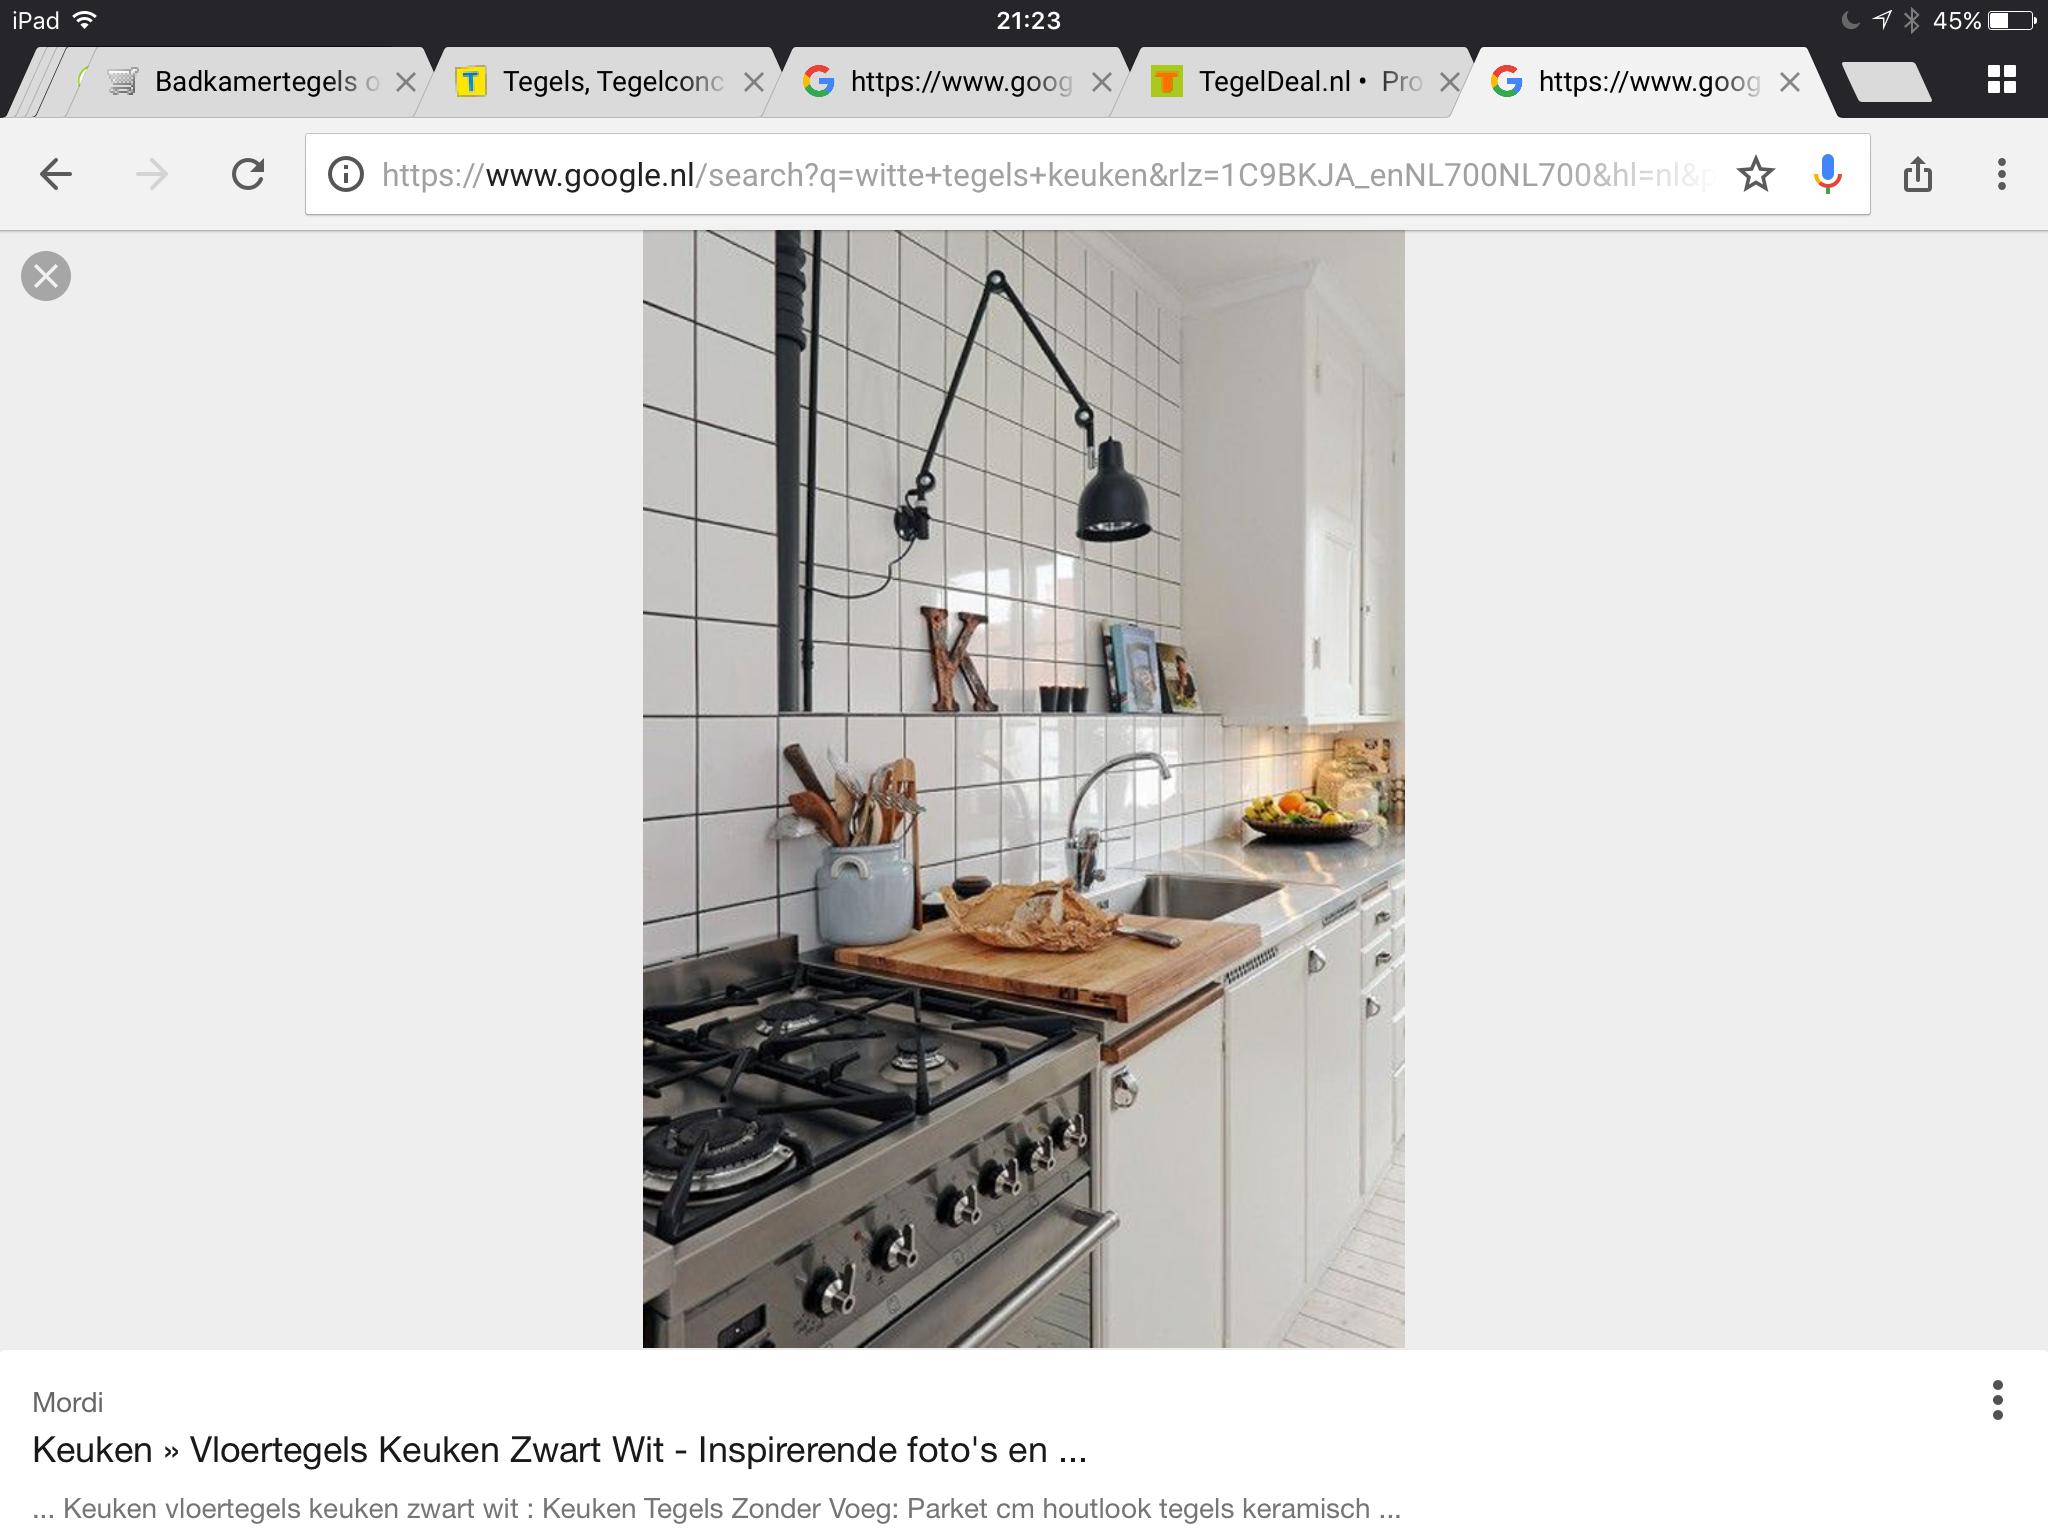 keuken tegels zonder voeg : Keukenwand Tegelen Witte Tegels Donkere Voegen 13×13 Werkspot